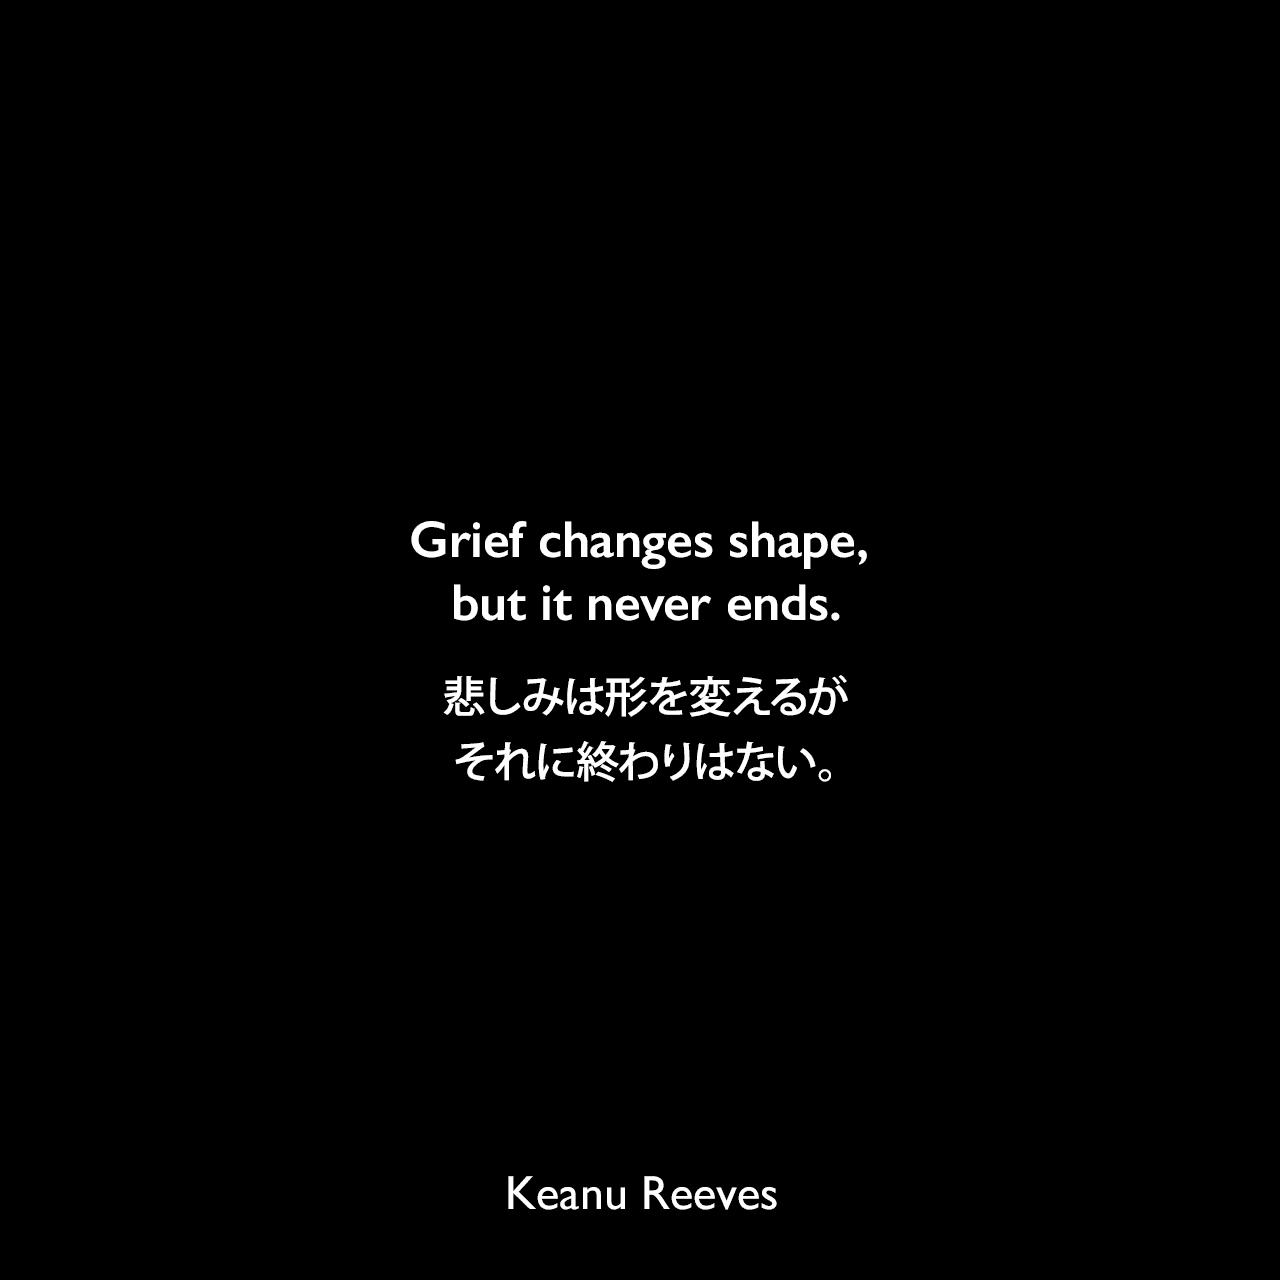 Grief changes shape, but it never ends.悲しみは形を変えるが、それに終わりはない。- 2006年のPeopleマガジンより(恋人だったジェニファー・サイムを2001年に交通事故で亡くして)Keanu Reeves